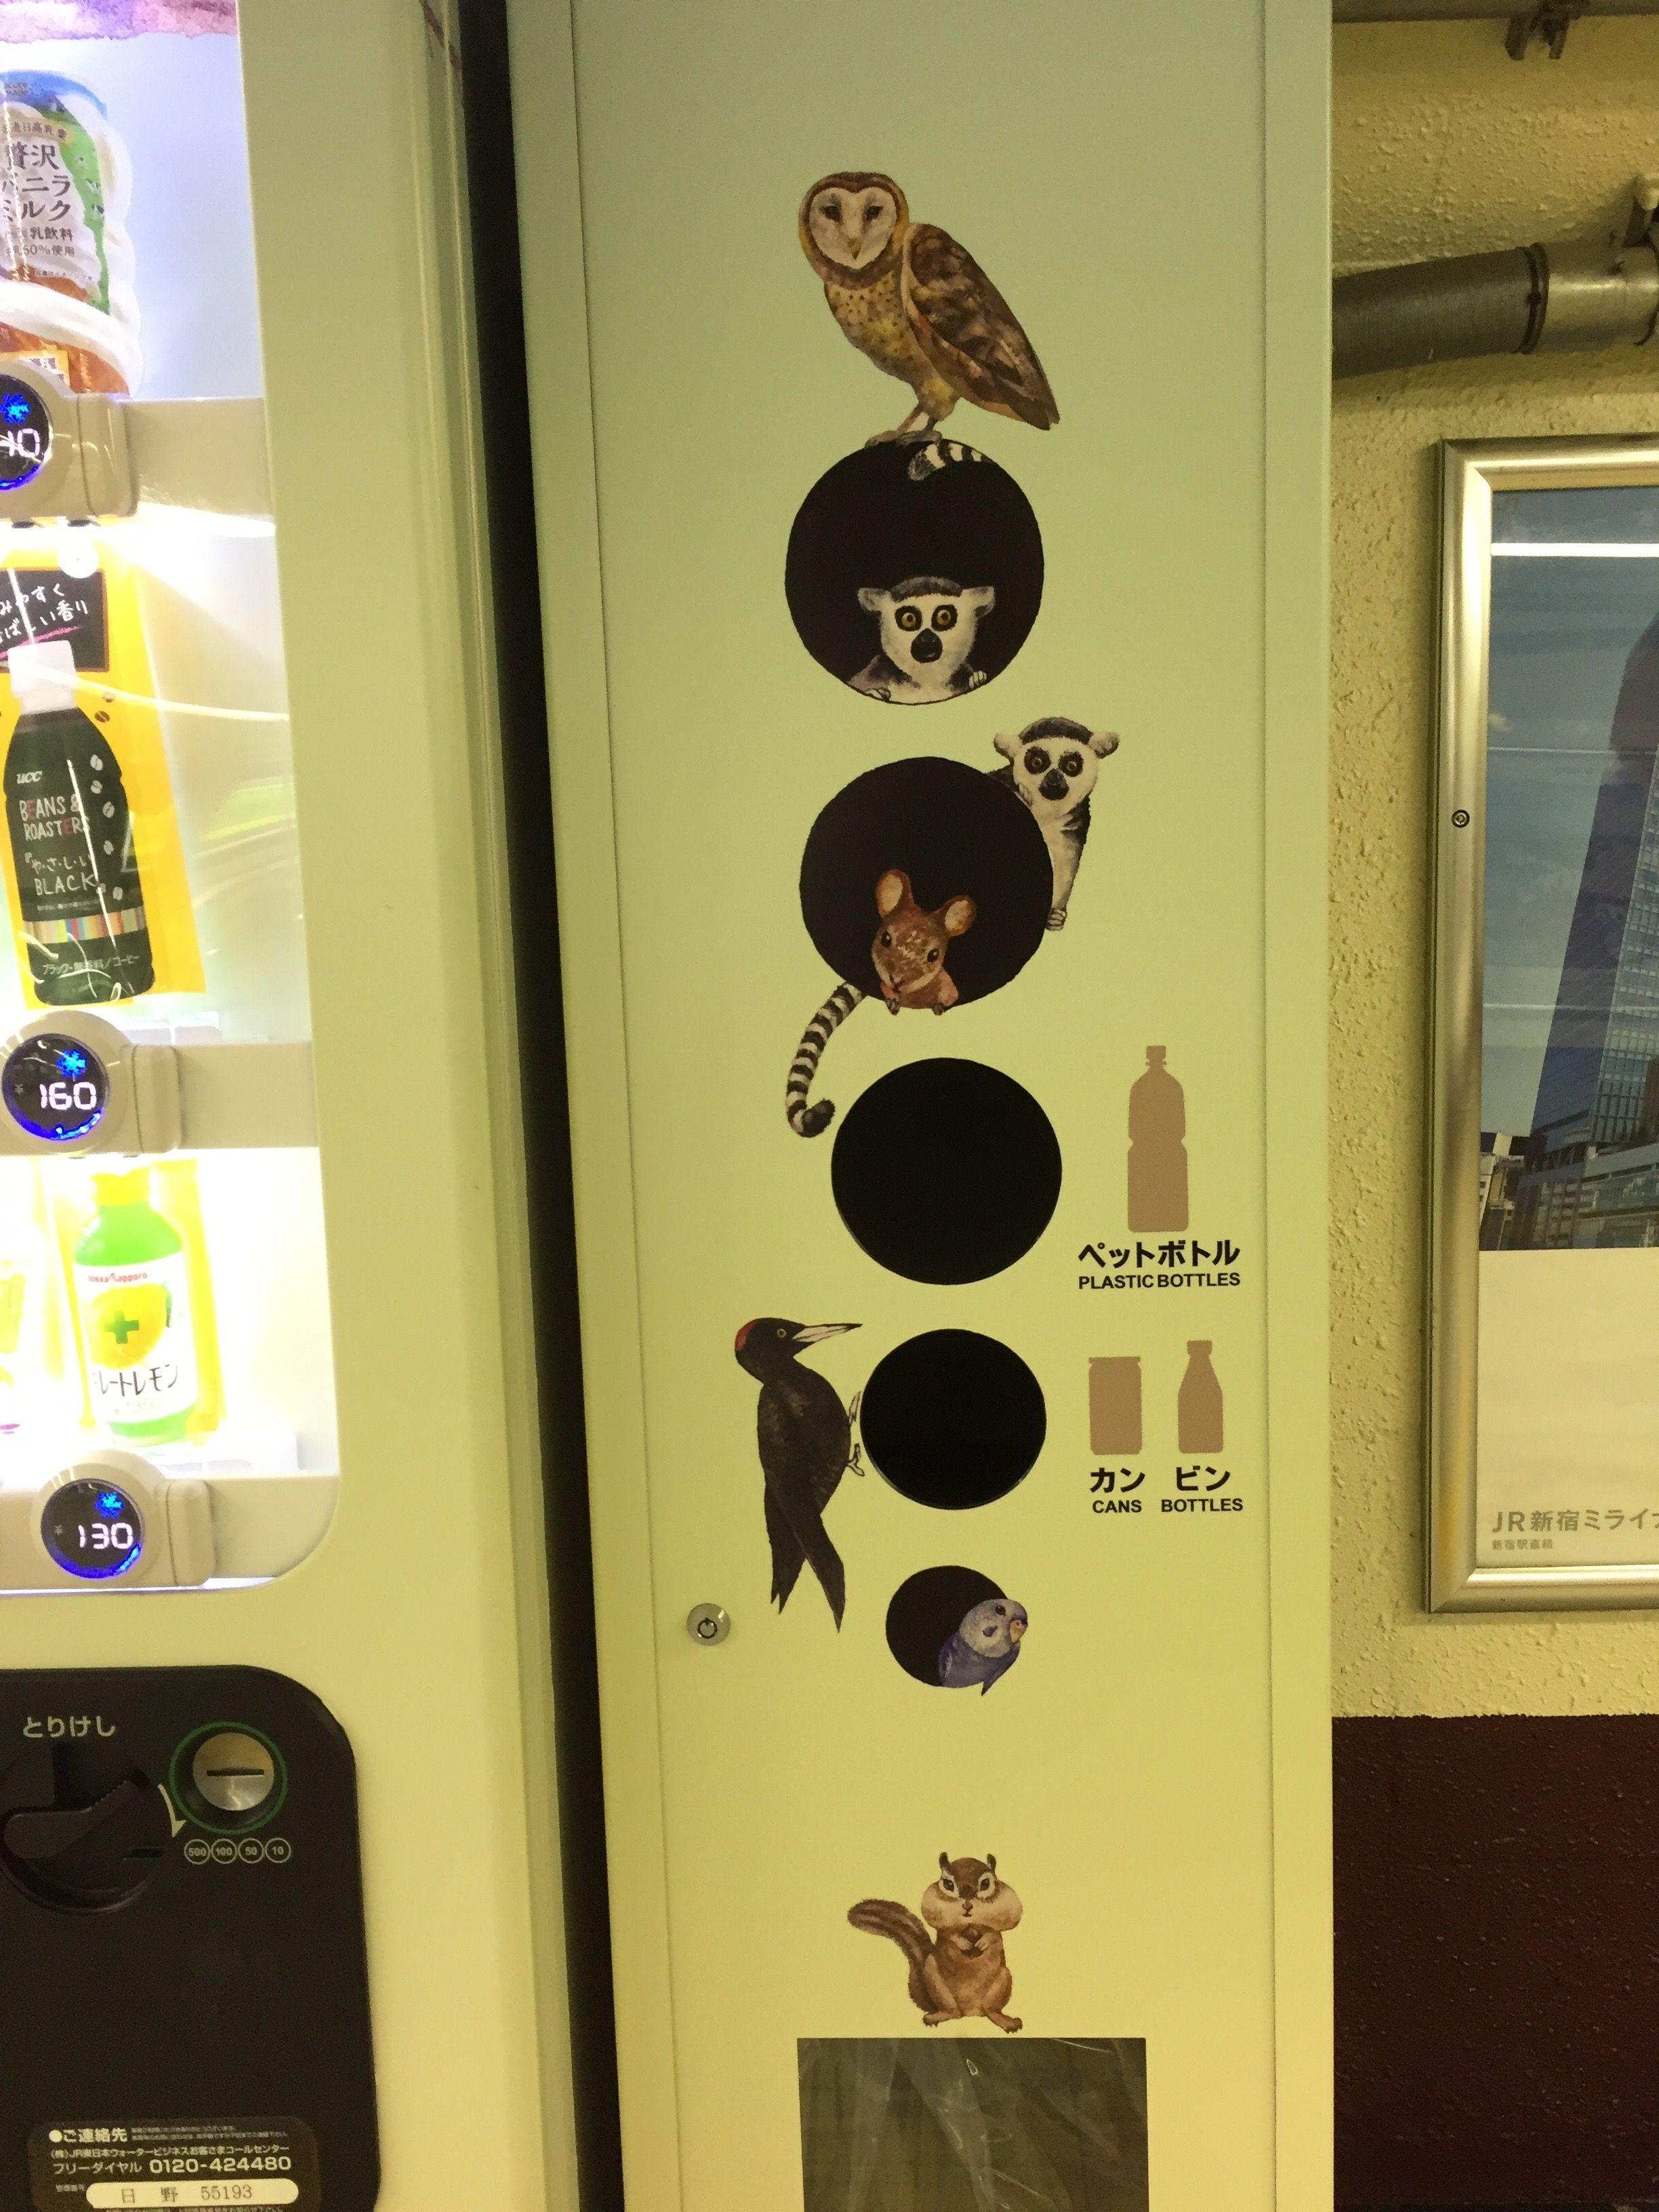 駅で見かけた自動販売機の空き缶入れ